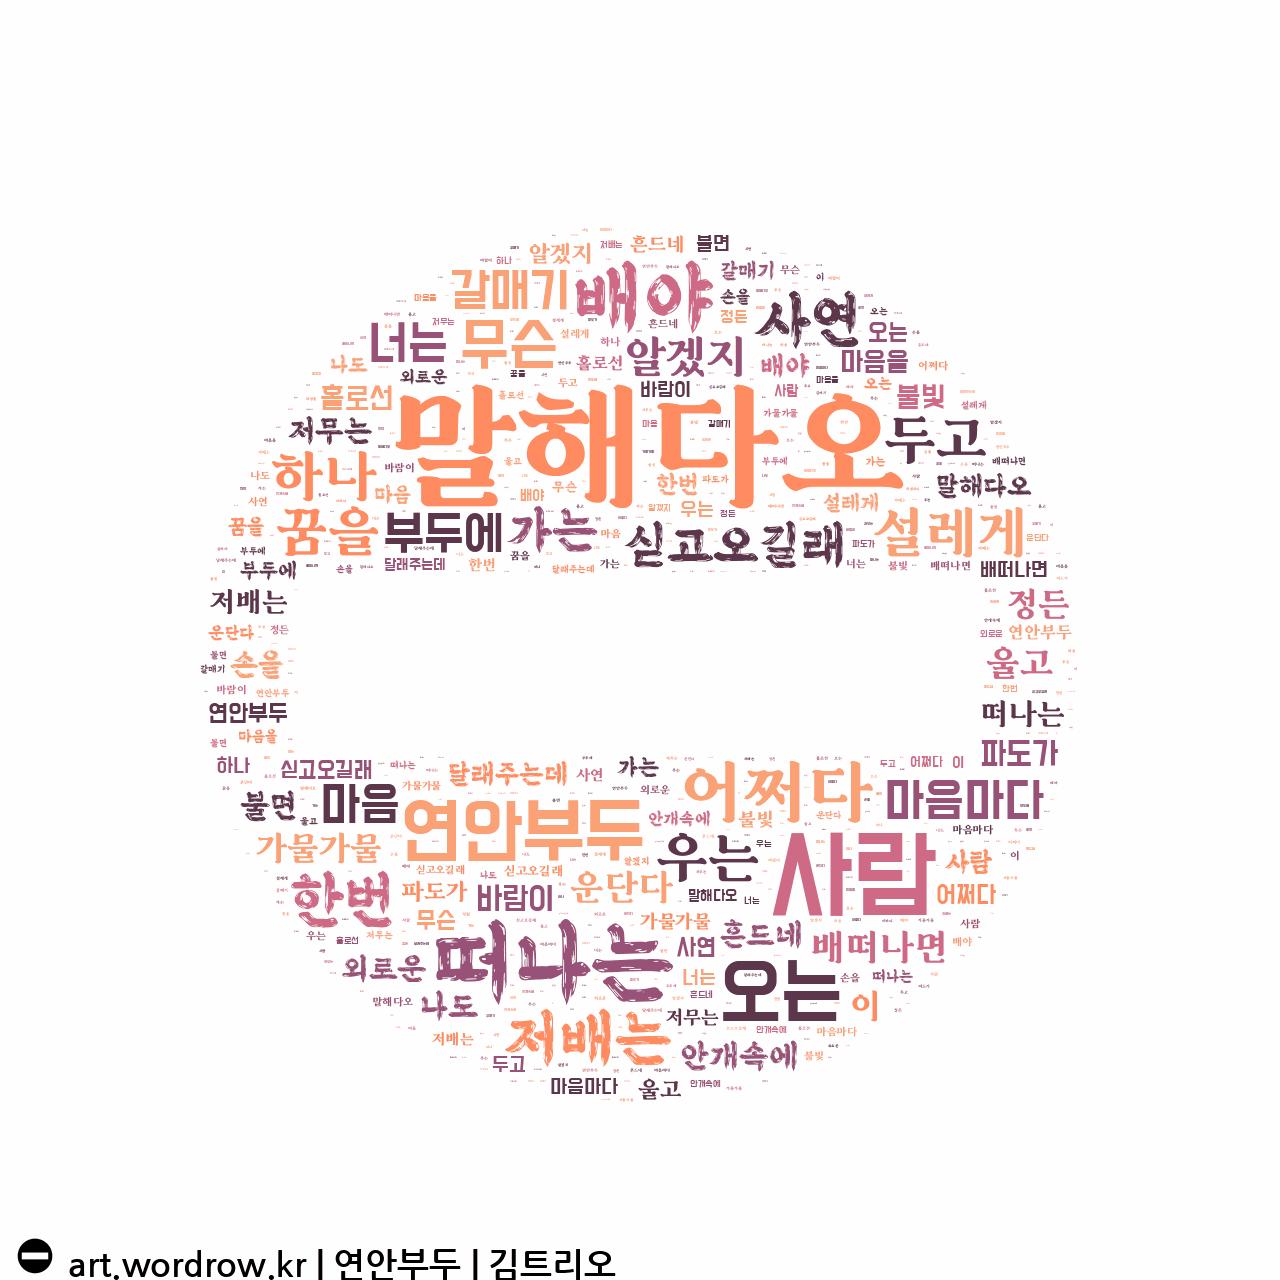 워드 아트: 연안부두 [김트리오]-27